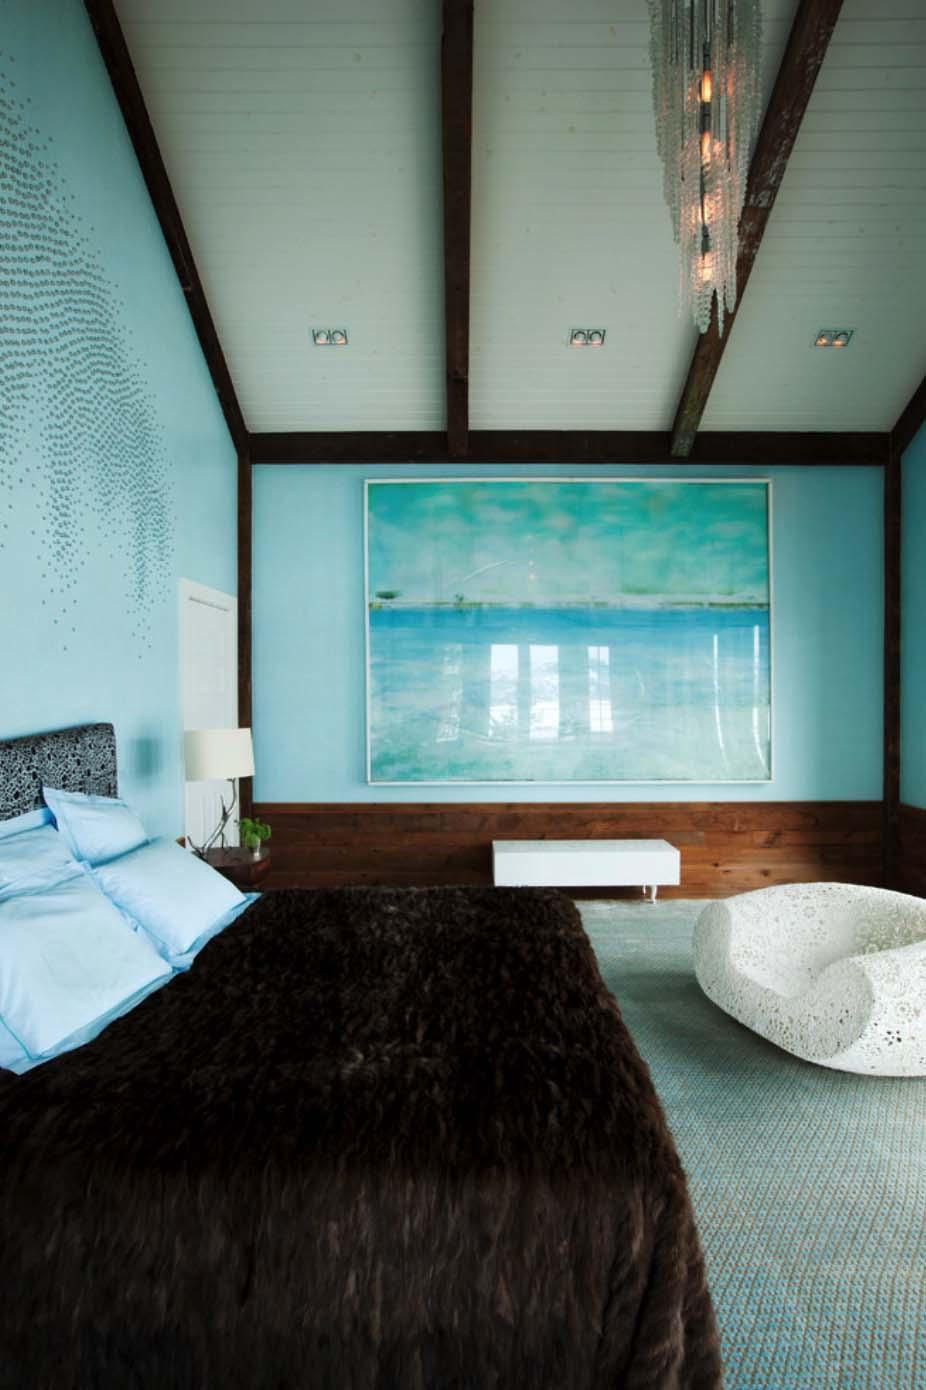 Brown fur blanket blue bedroom